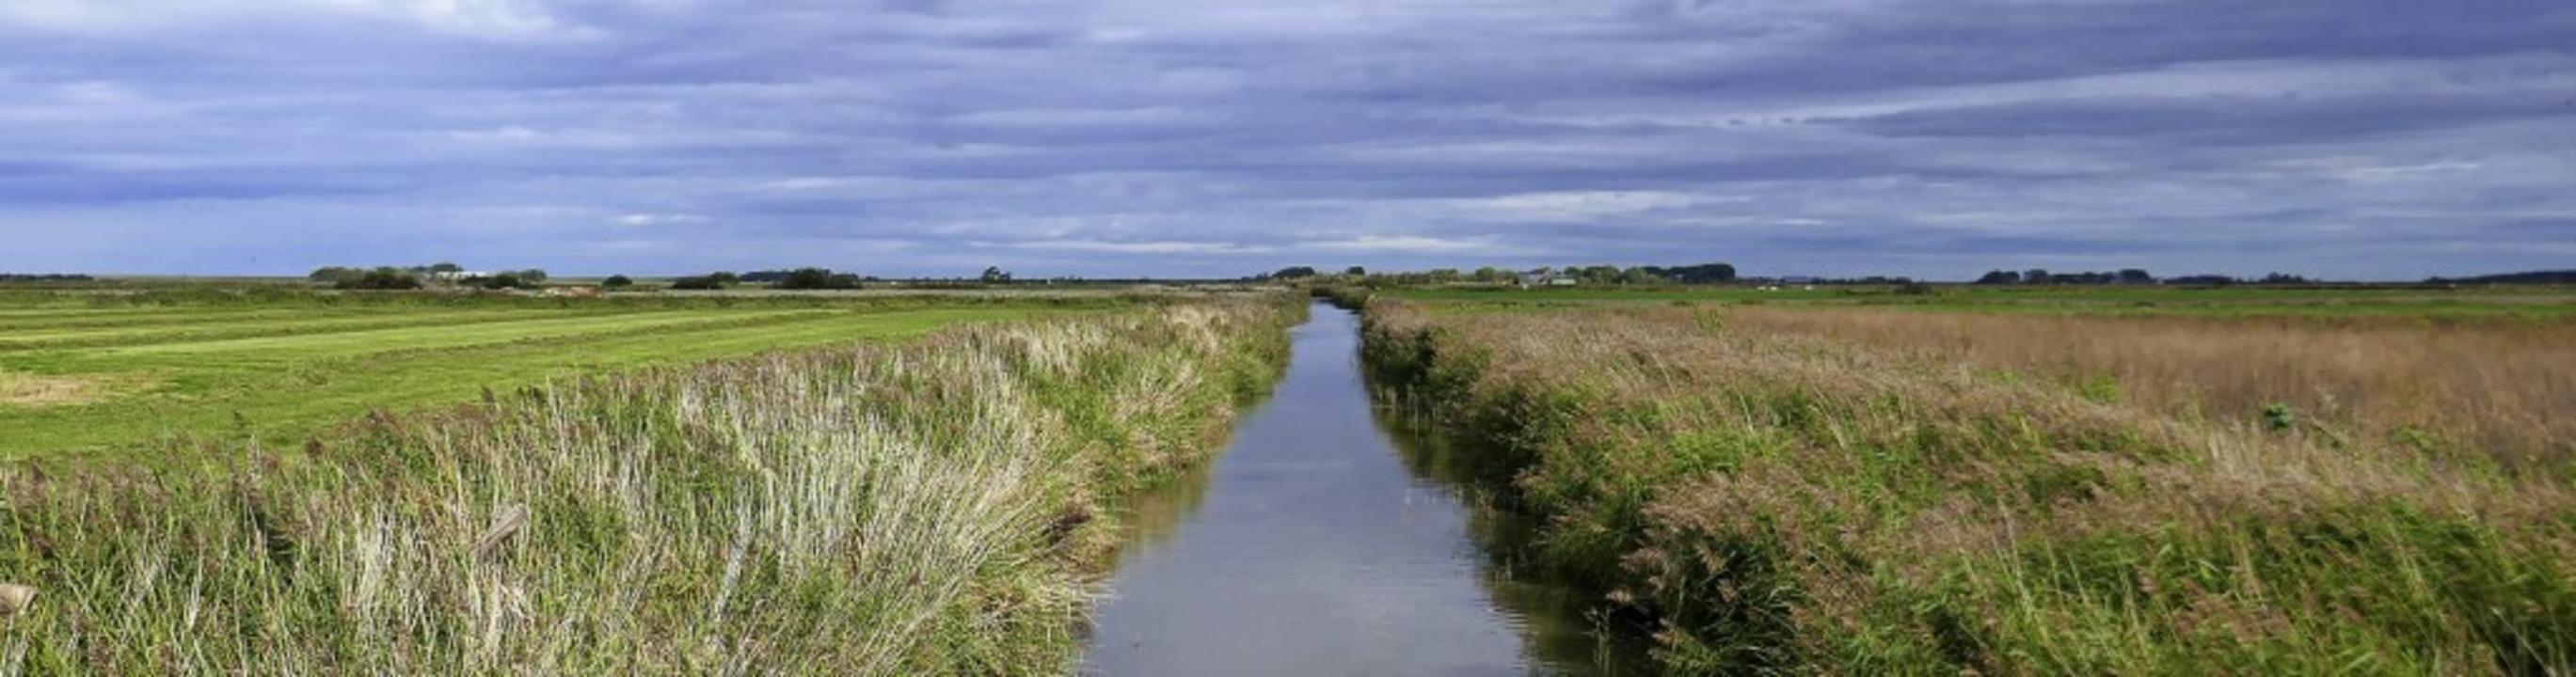 Weites Land: Entwässerungskanäle durch...roßen Auswanderungswelle nach Amerika.  | Foto: Dörte Nohrden (dpa)